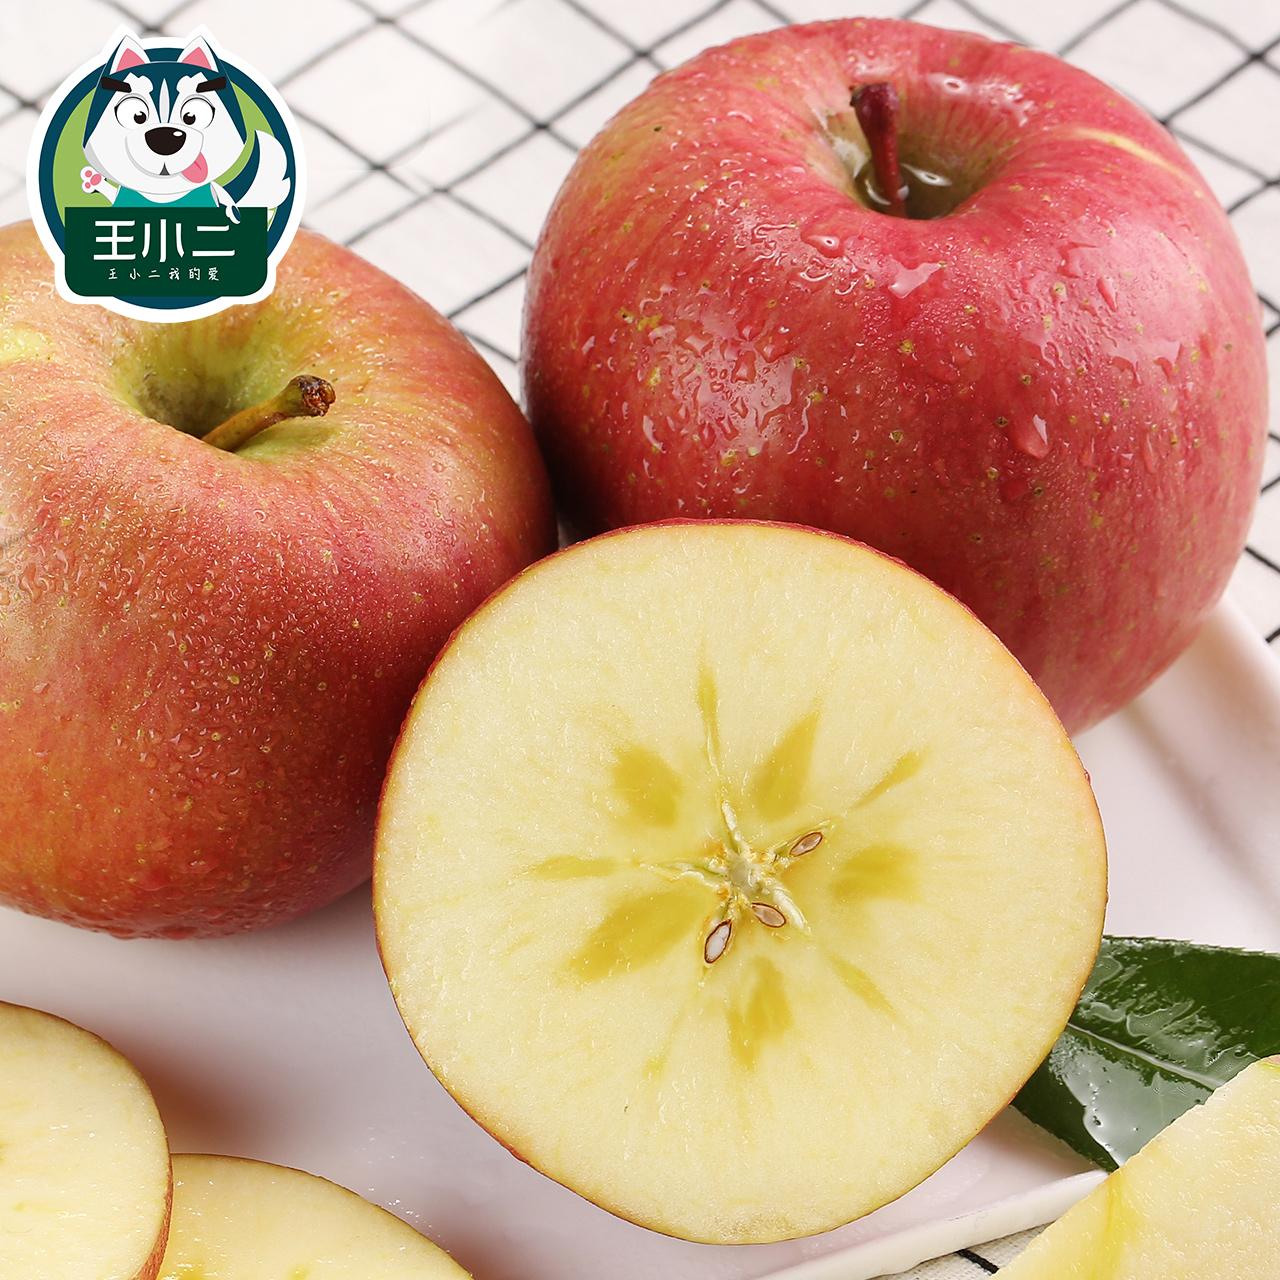 新疆阿克苏冰糖心苹果水果新鲜包邮当季整箱应季丑苹果大苹果10斤